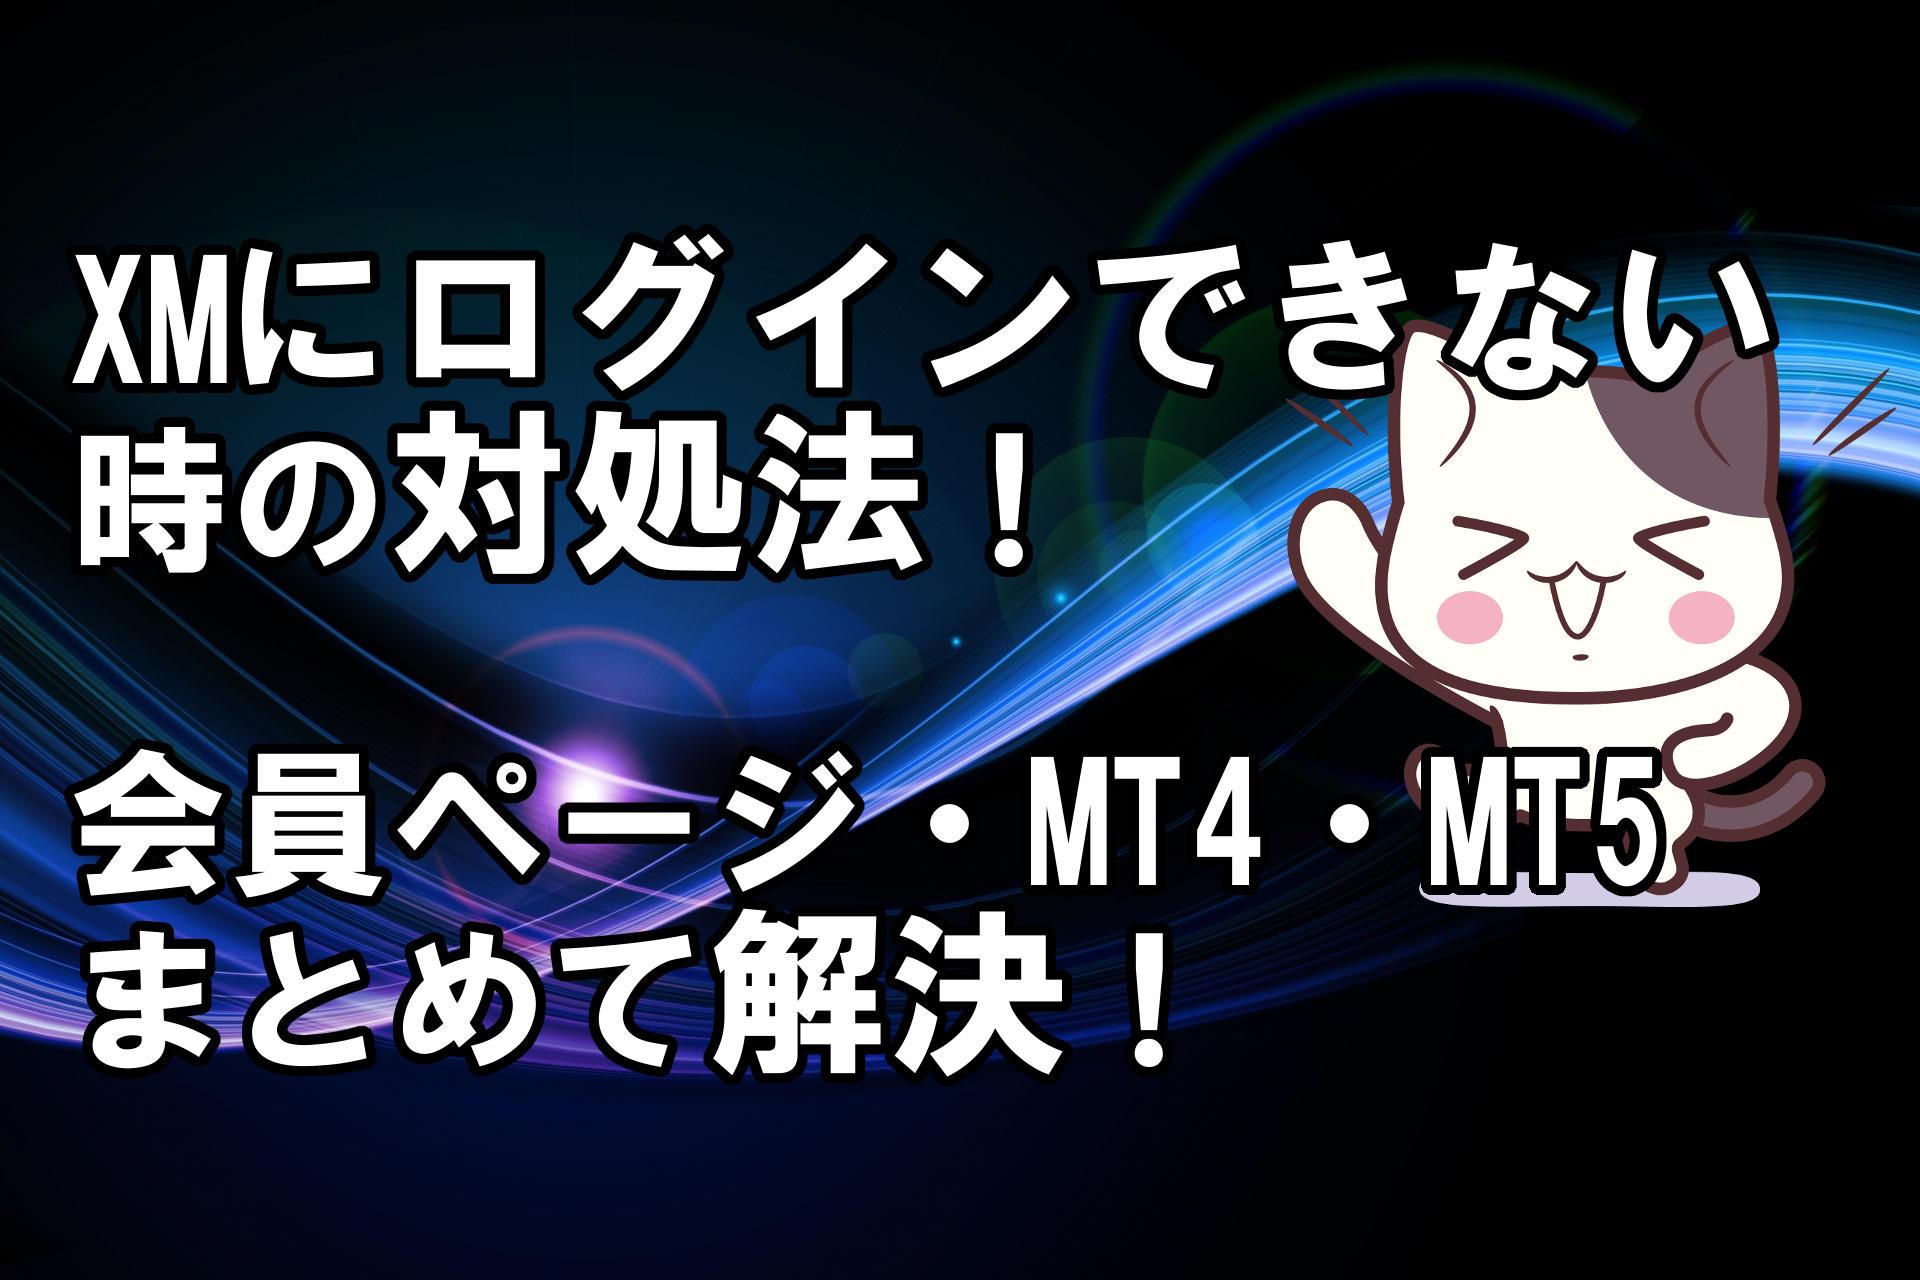 XMにログインできない時の対処法!会員ページ・MT4・MT5まとめて解決!